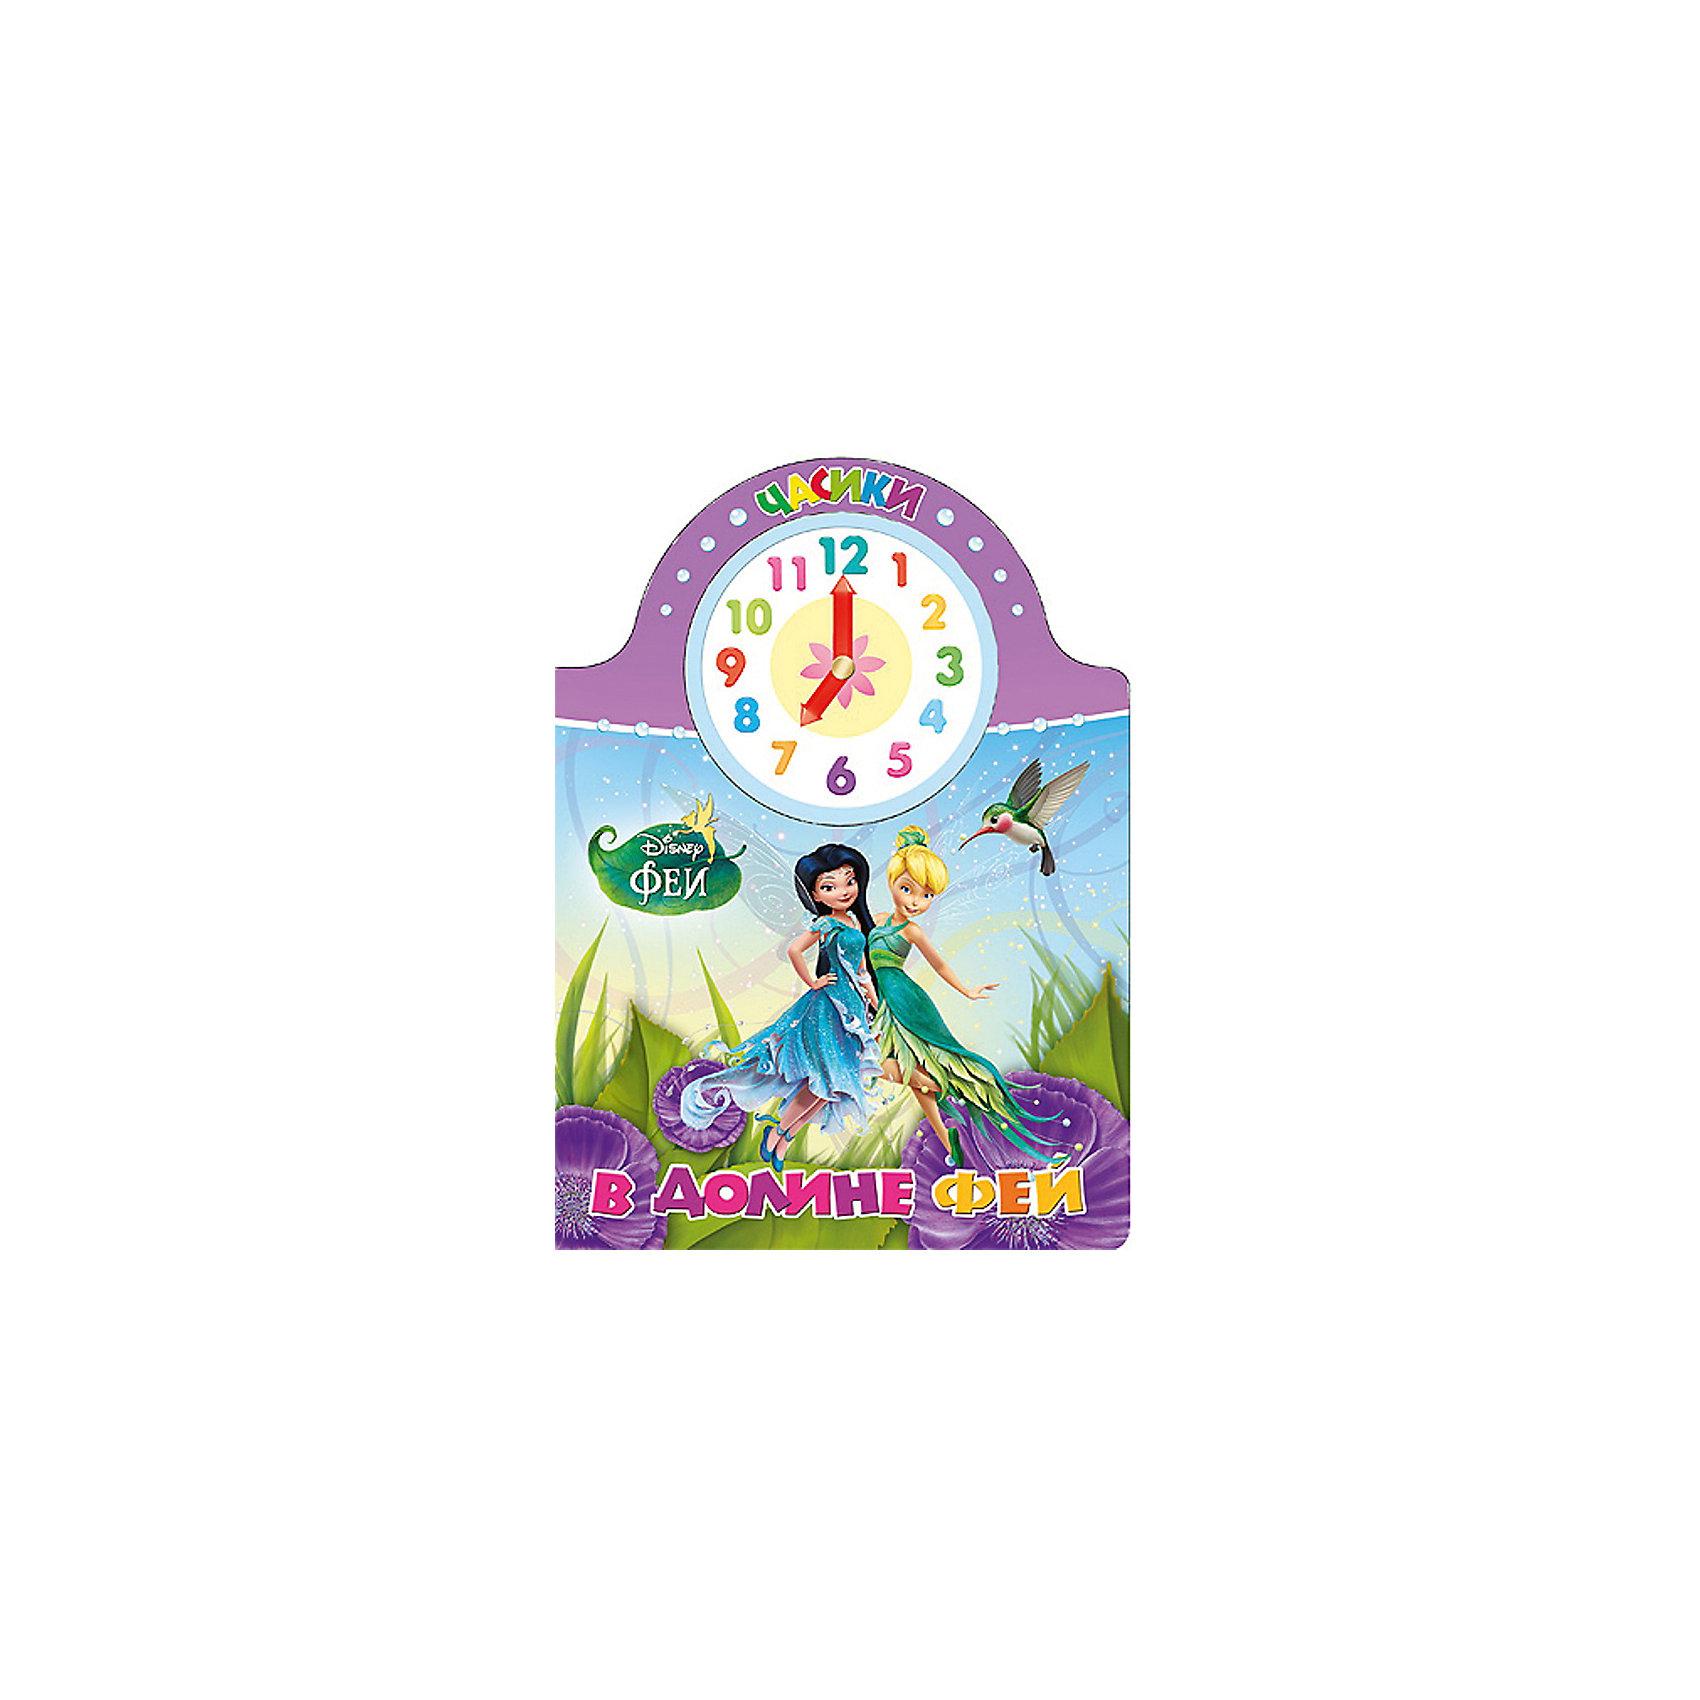 Книга В долине фей, Феи ДиснейЭти яркие и познавательные книжки с любимыми героями Disney (Дисней). В Часиках есть красочный циферблат с двигающимися стрелками. С помощью этих занимательных книг ваш малыш сможет научиться определять время по часам, сам выставлять время, узнает, что показывает длинная стрелка, а что короткая <br><br>Дополнительная информация:<br><br>Переплет: картон<br>Страниц:10<br>Формат: 157х220 мм<br><br>Книгу В долине фей, Феи Дисней можно купить в нашем магазине.<br><br>Ширина мм: 157<br>Глубина мм: 5<br>Высота мм: 220<br>Вес г: 100<br>Возраст от месяцев: 48<br>Возраст до месяцев: 72<br>Пол: Унисекс<br>Возраст: Детский<br>SKU: 4612597